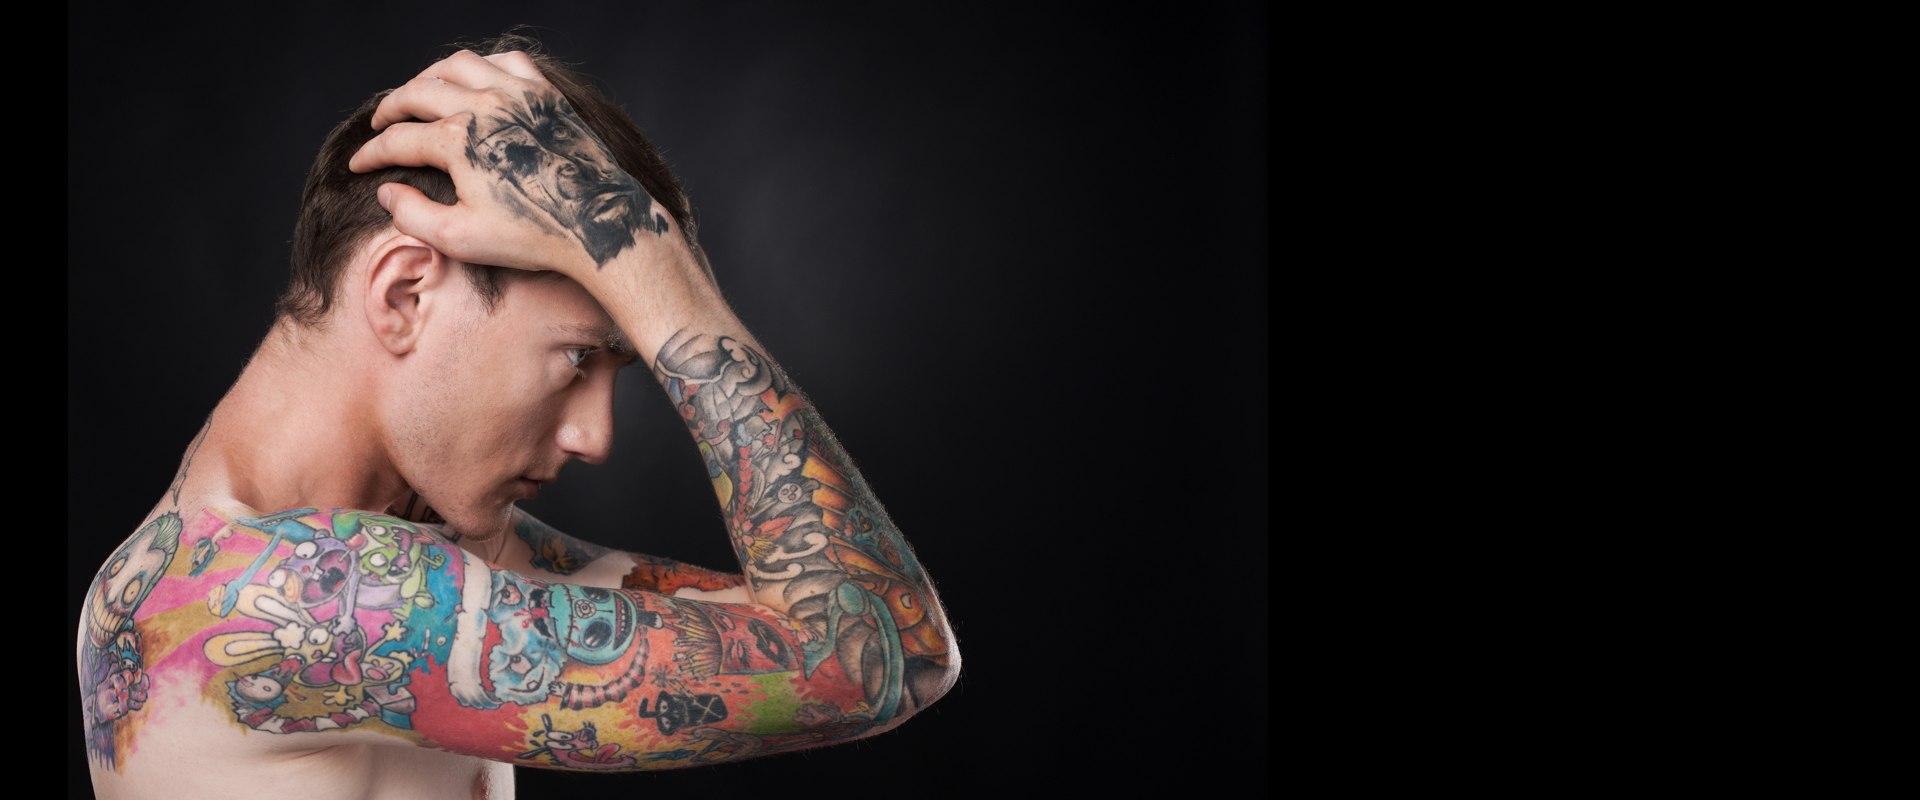 Tattooentfernung und Entfernung von permanent Make up mit sanfter Lasertechnologie in Berlin